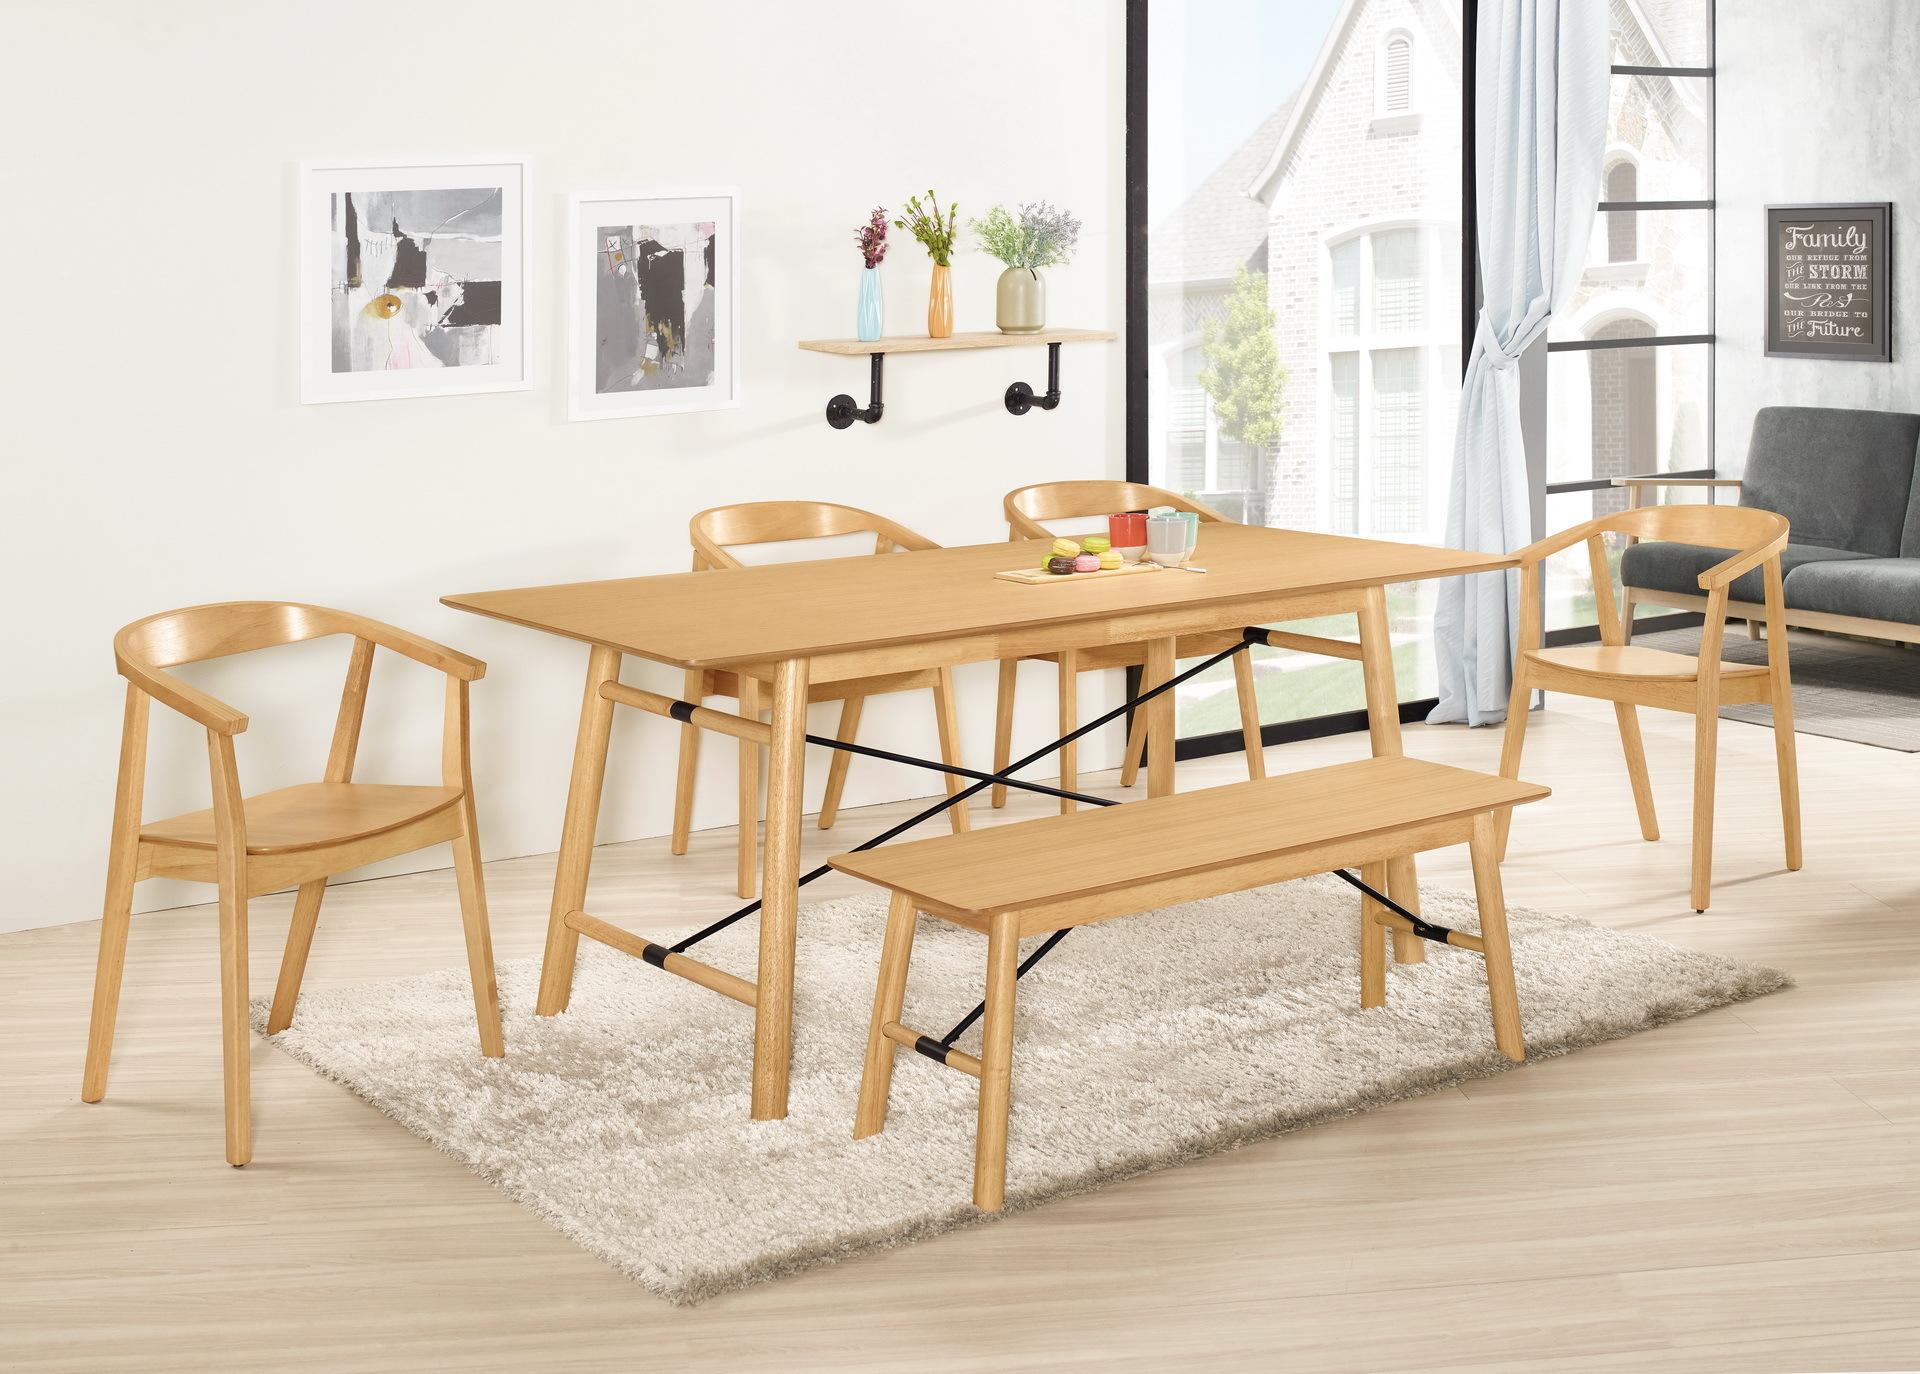 446-1 布雷登6尺餐桌+527-4+540-1.jpg